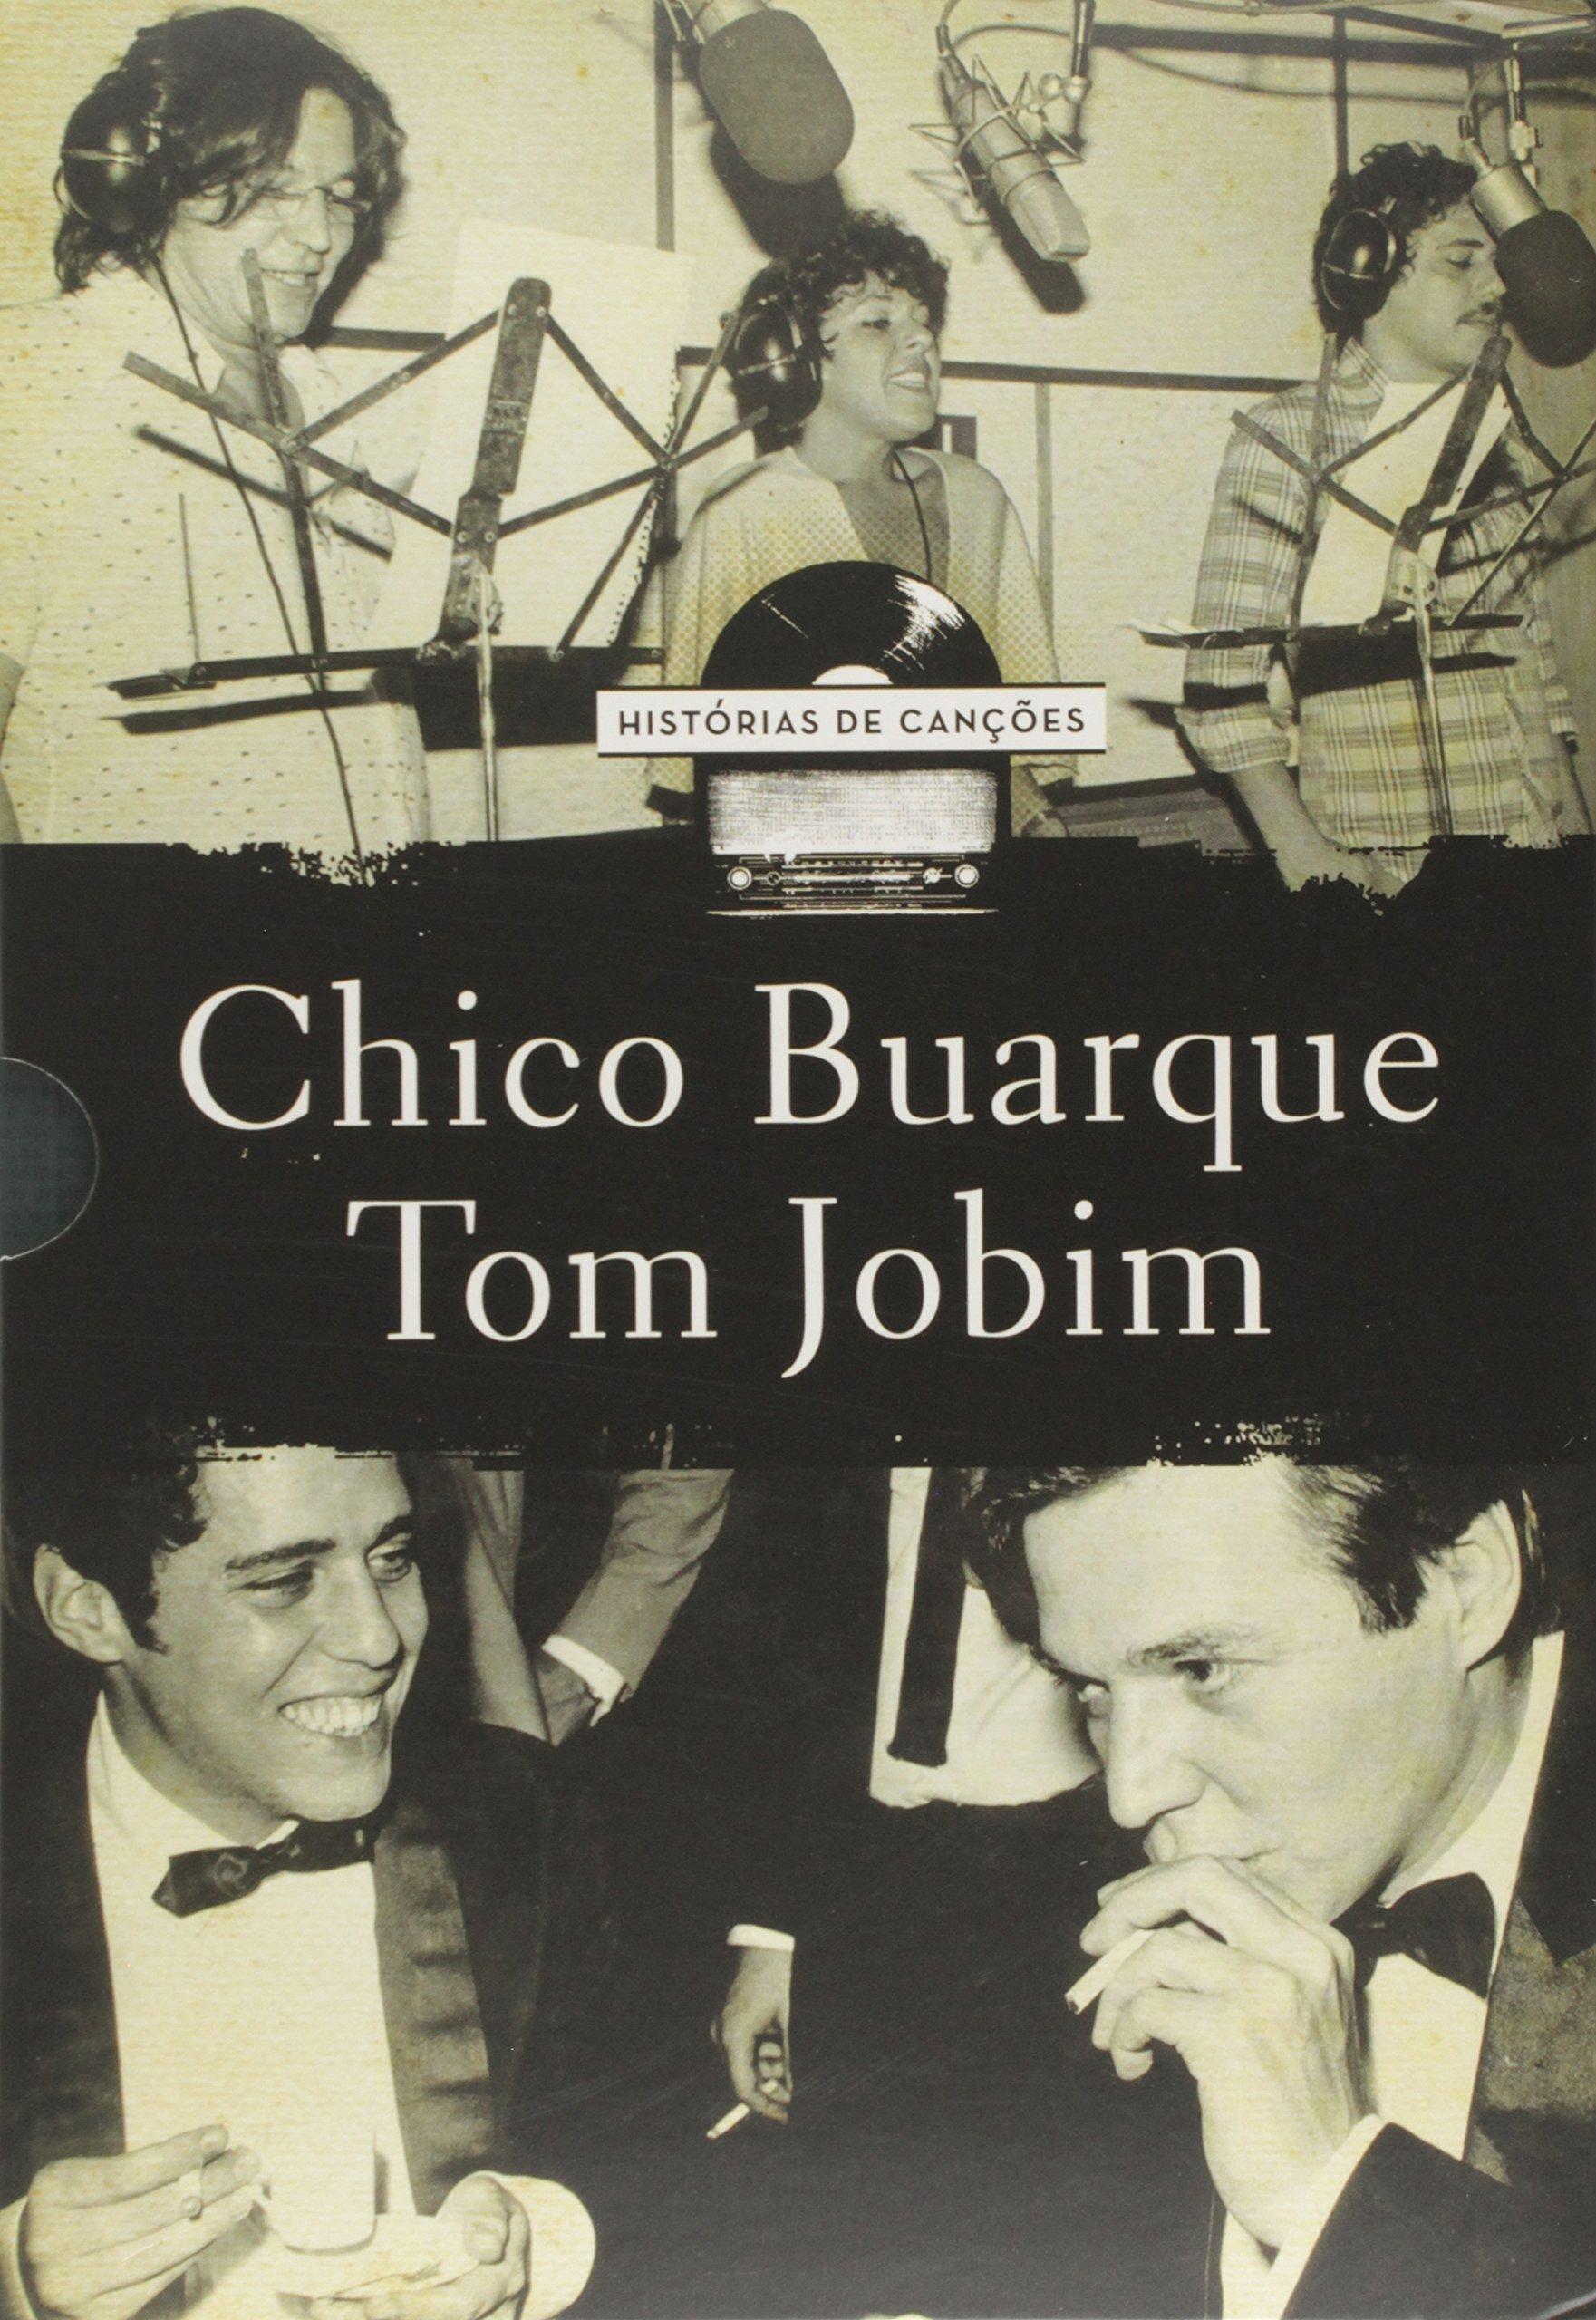 Box História de Canções - Tom Jobim e Chico Buarque | Amazon.com.br